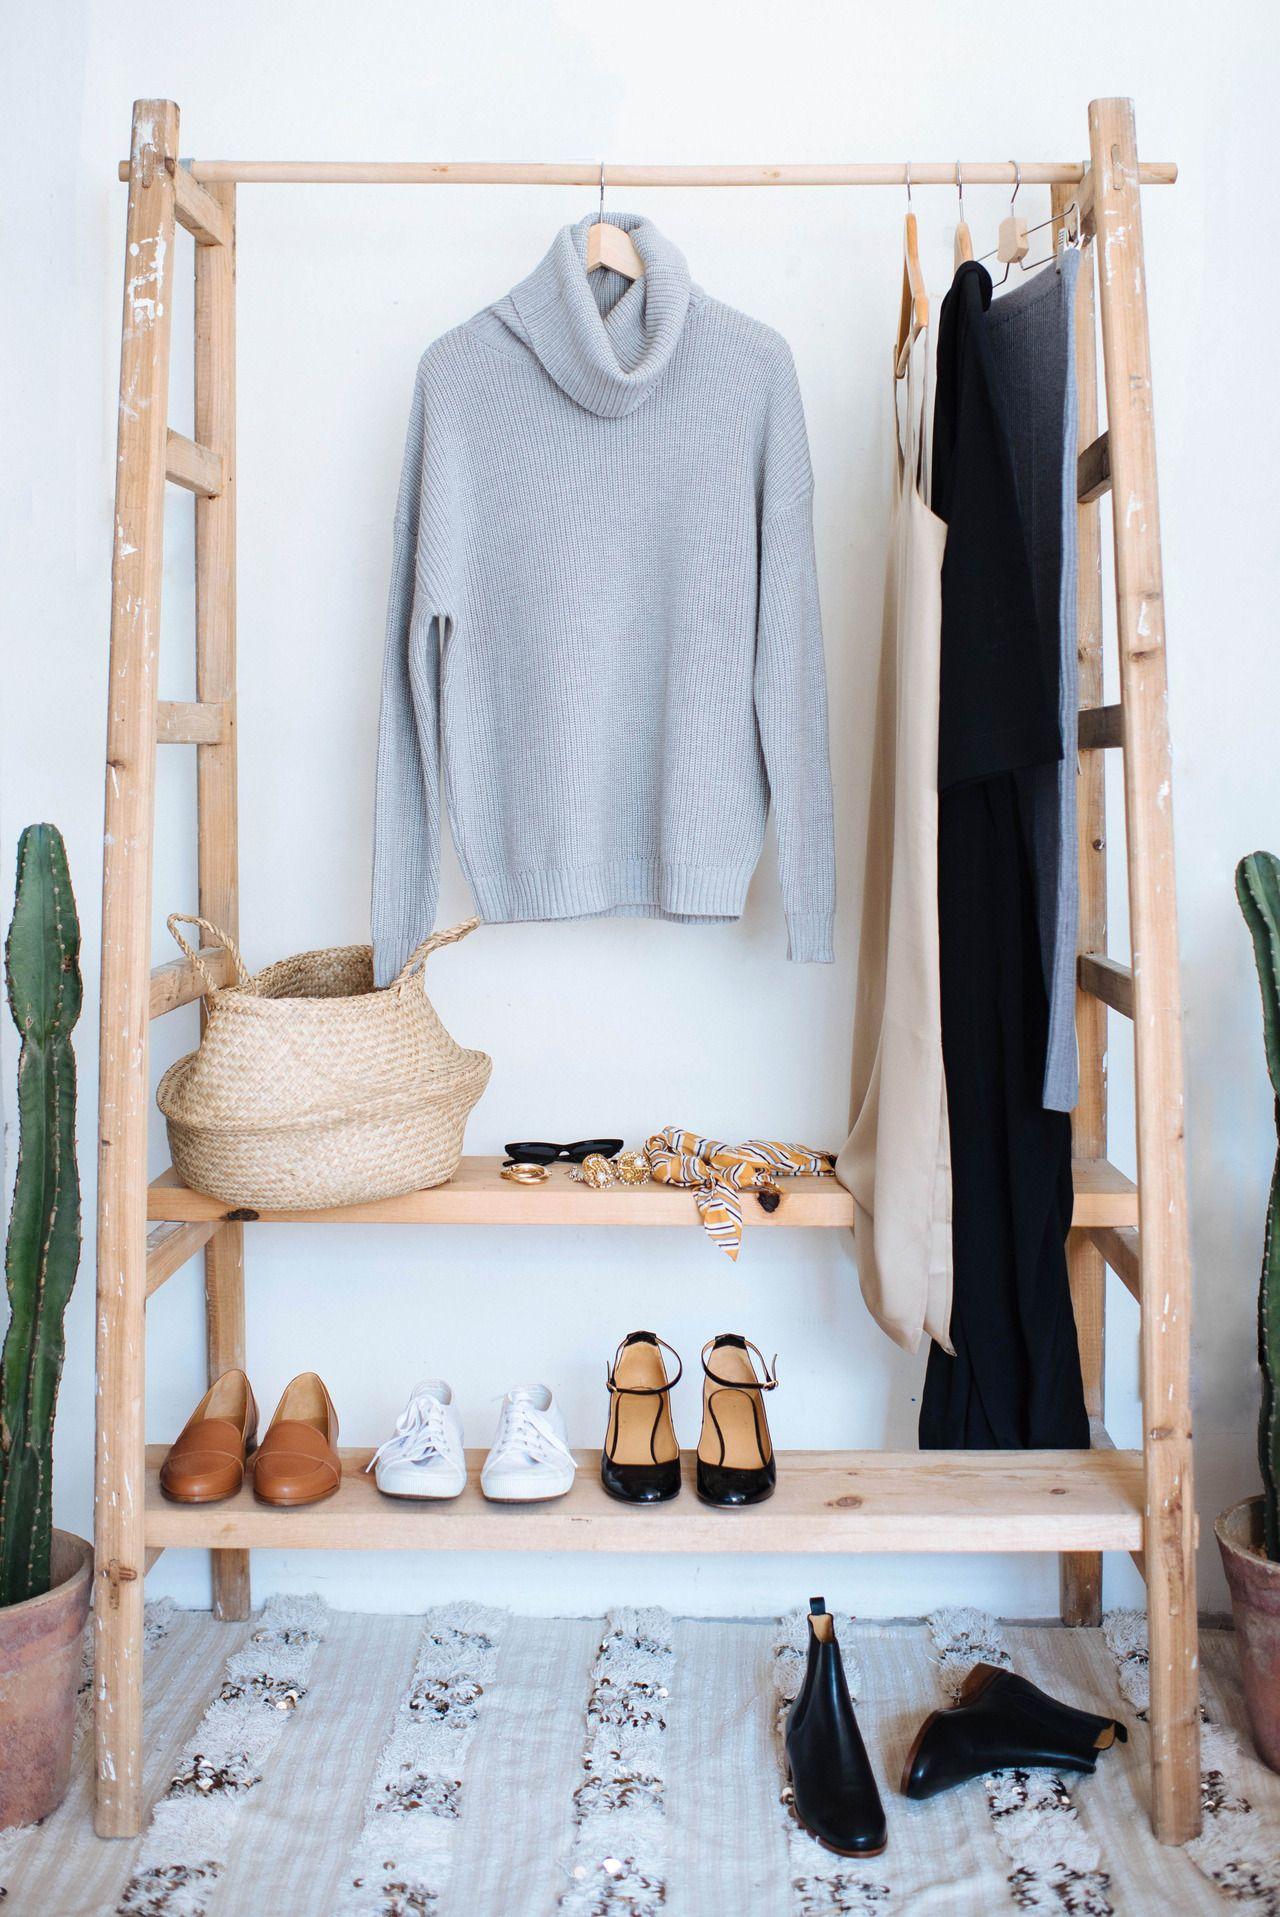 Innenarchitektur für küchenschrank between season wardrobe edit and party updates  minimalismus als